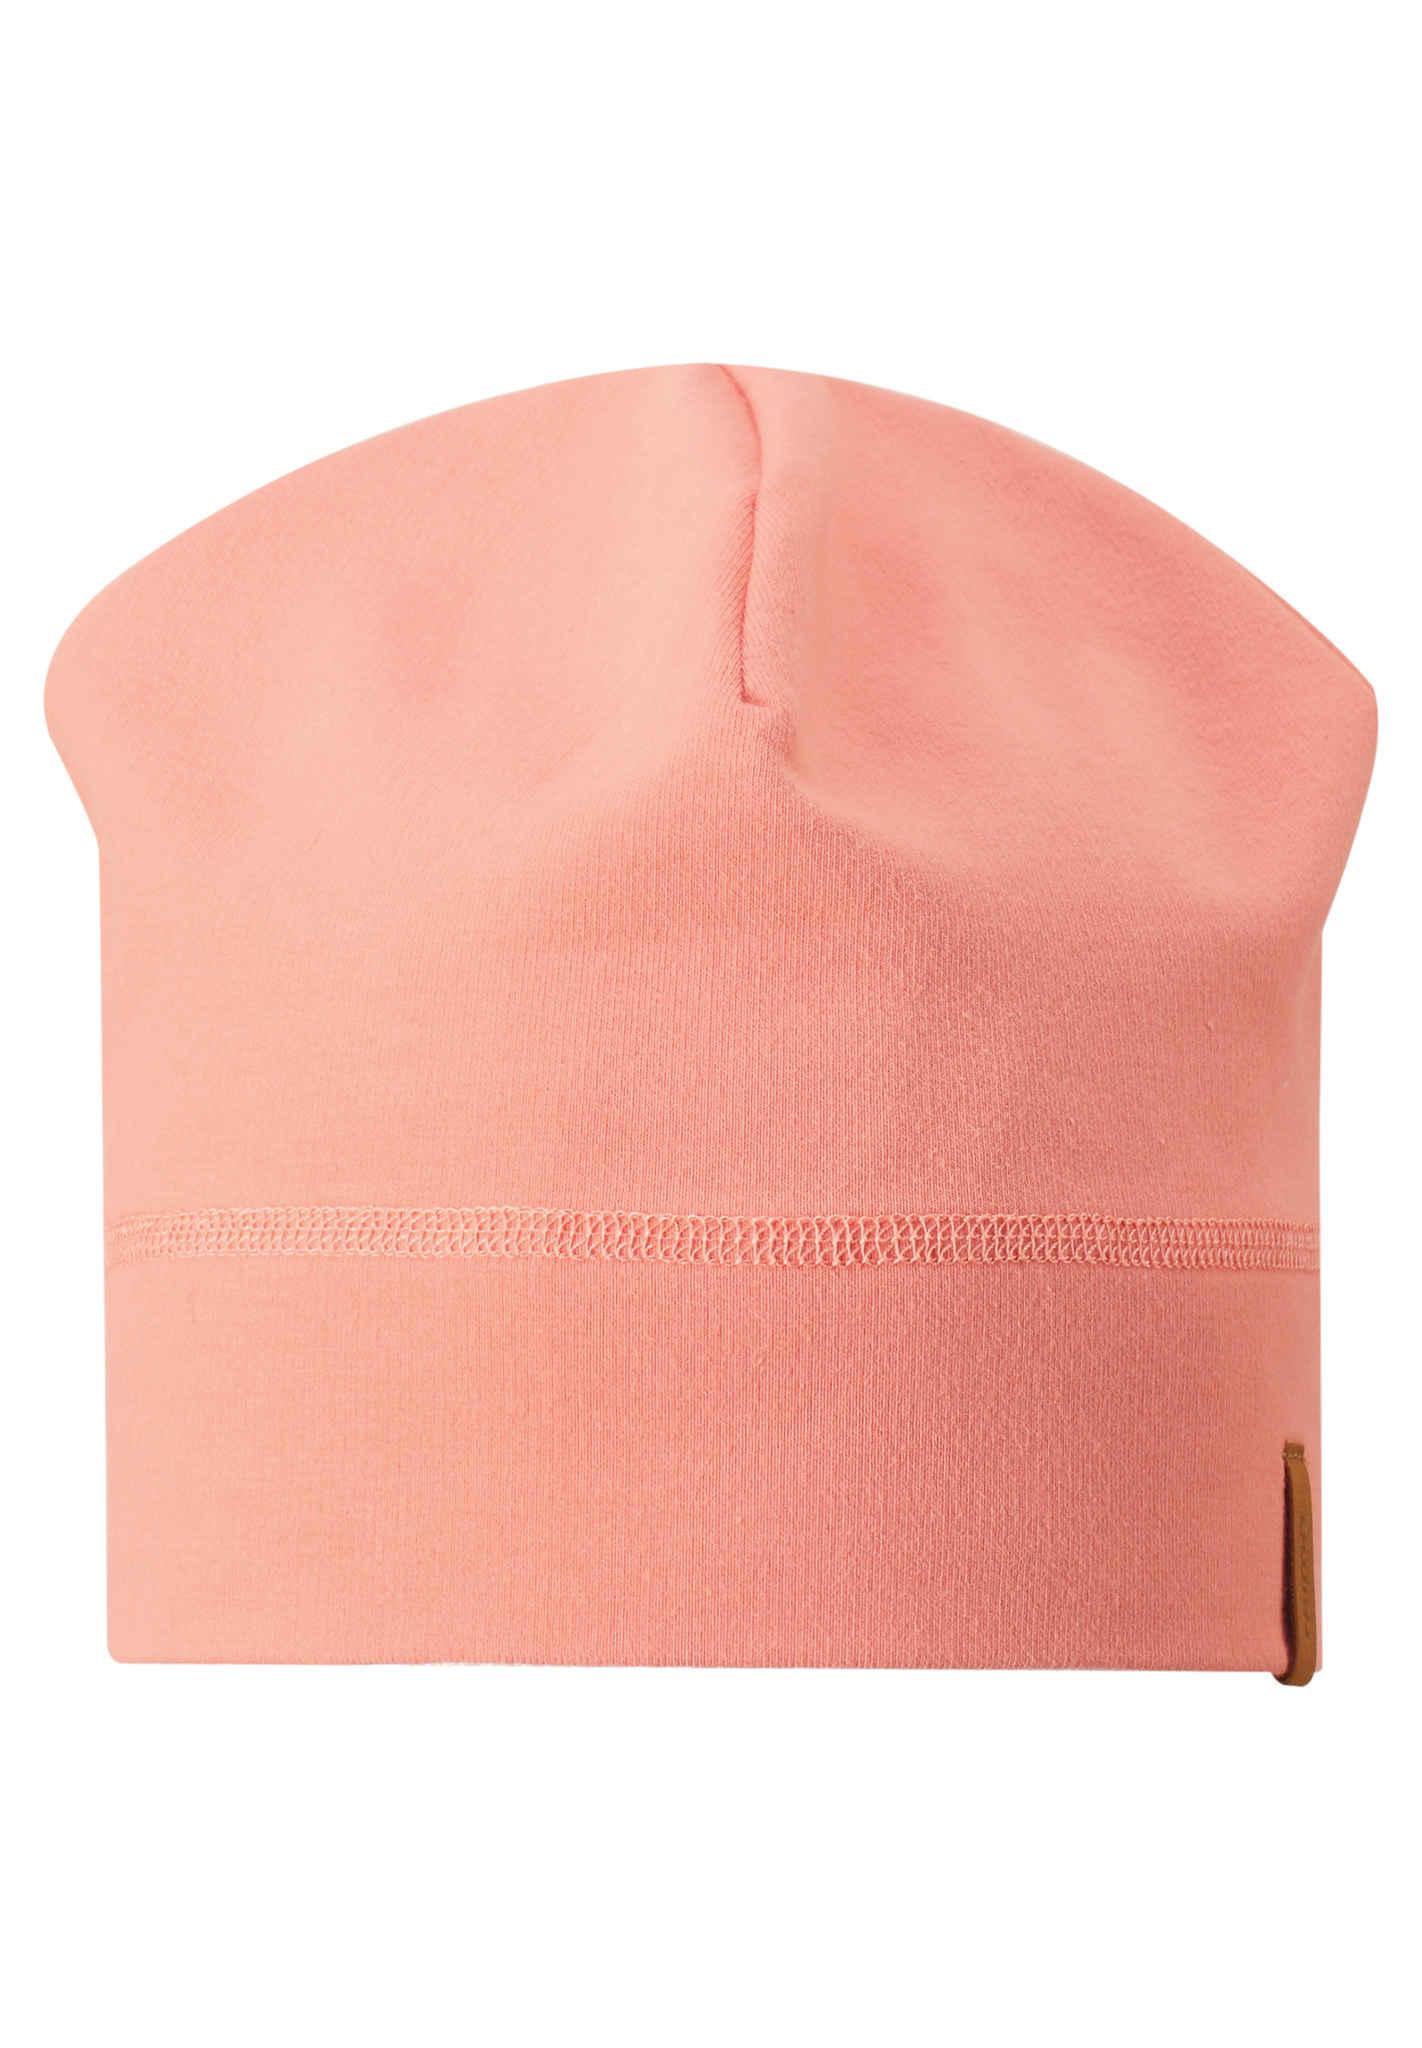 0b5bc44b Reima Liuku vårlue til barn, korall rosa - DressMyKid AS